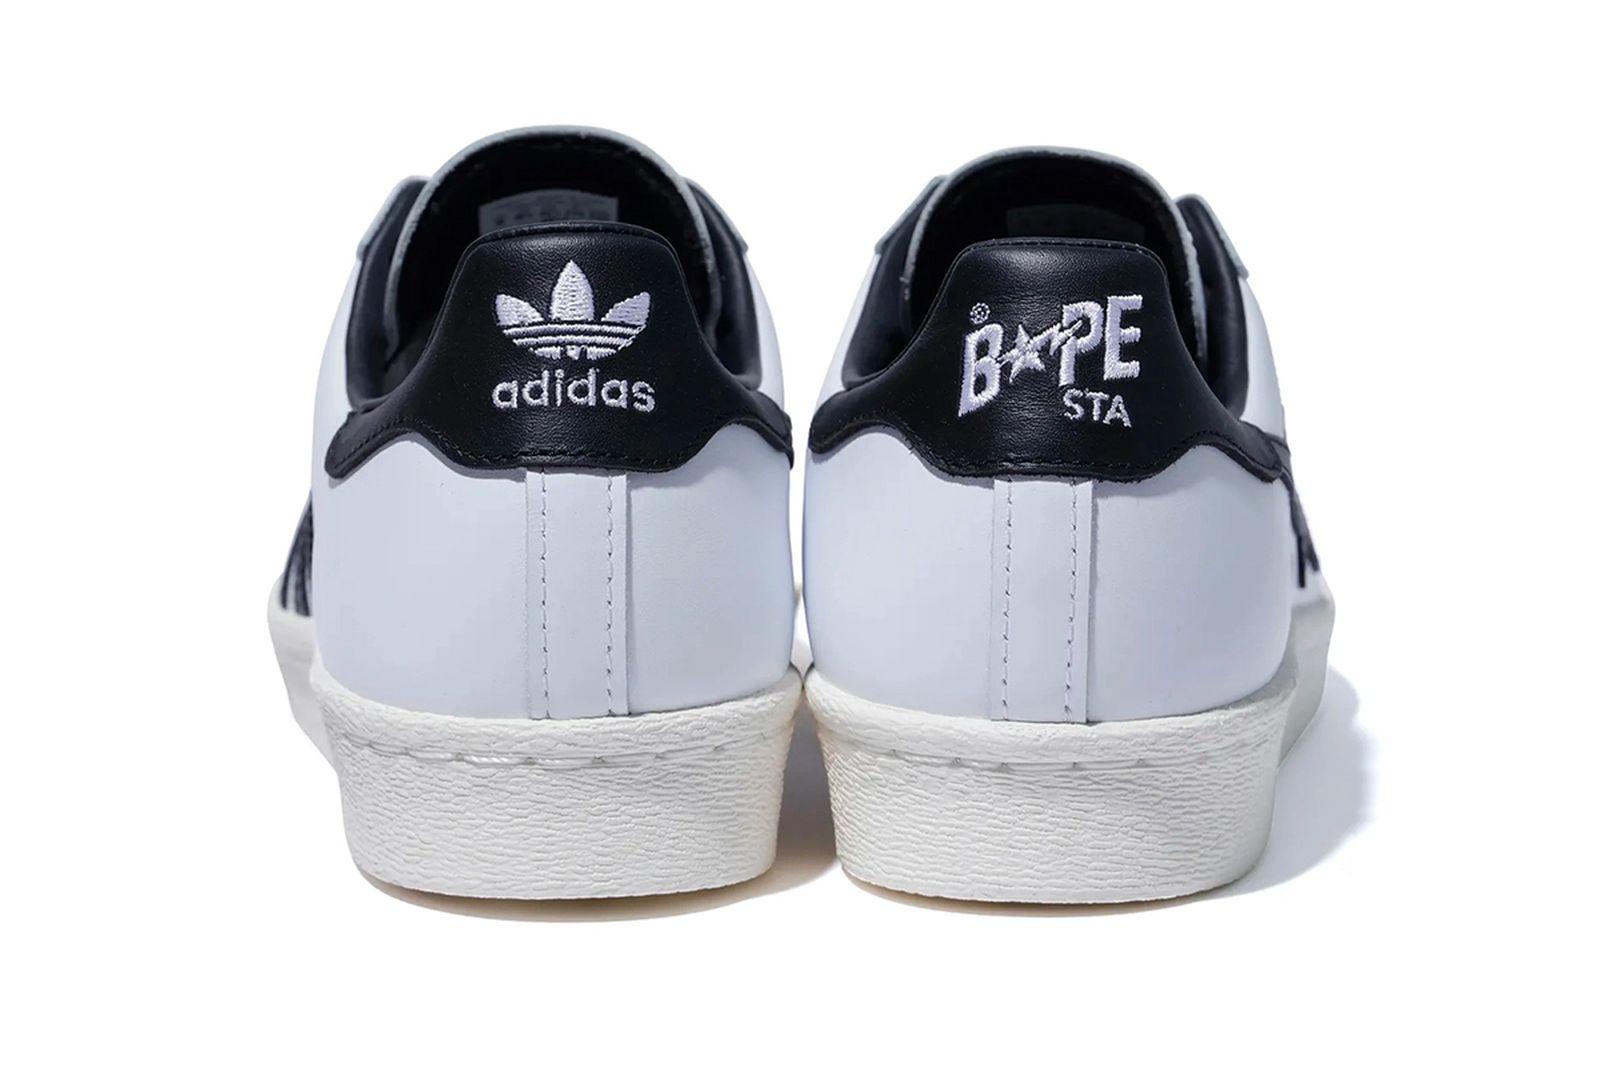 bape-adidas-superstar-2021-release-date-price-05